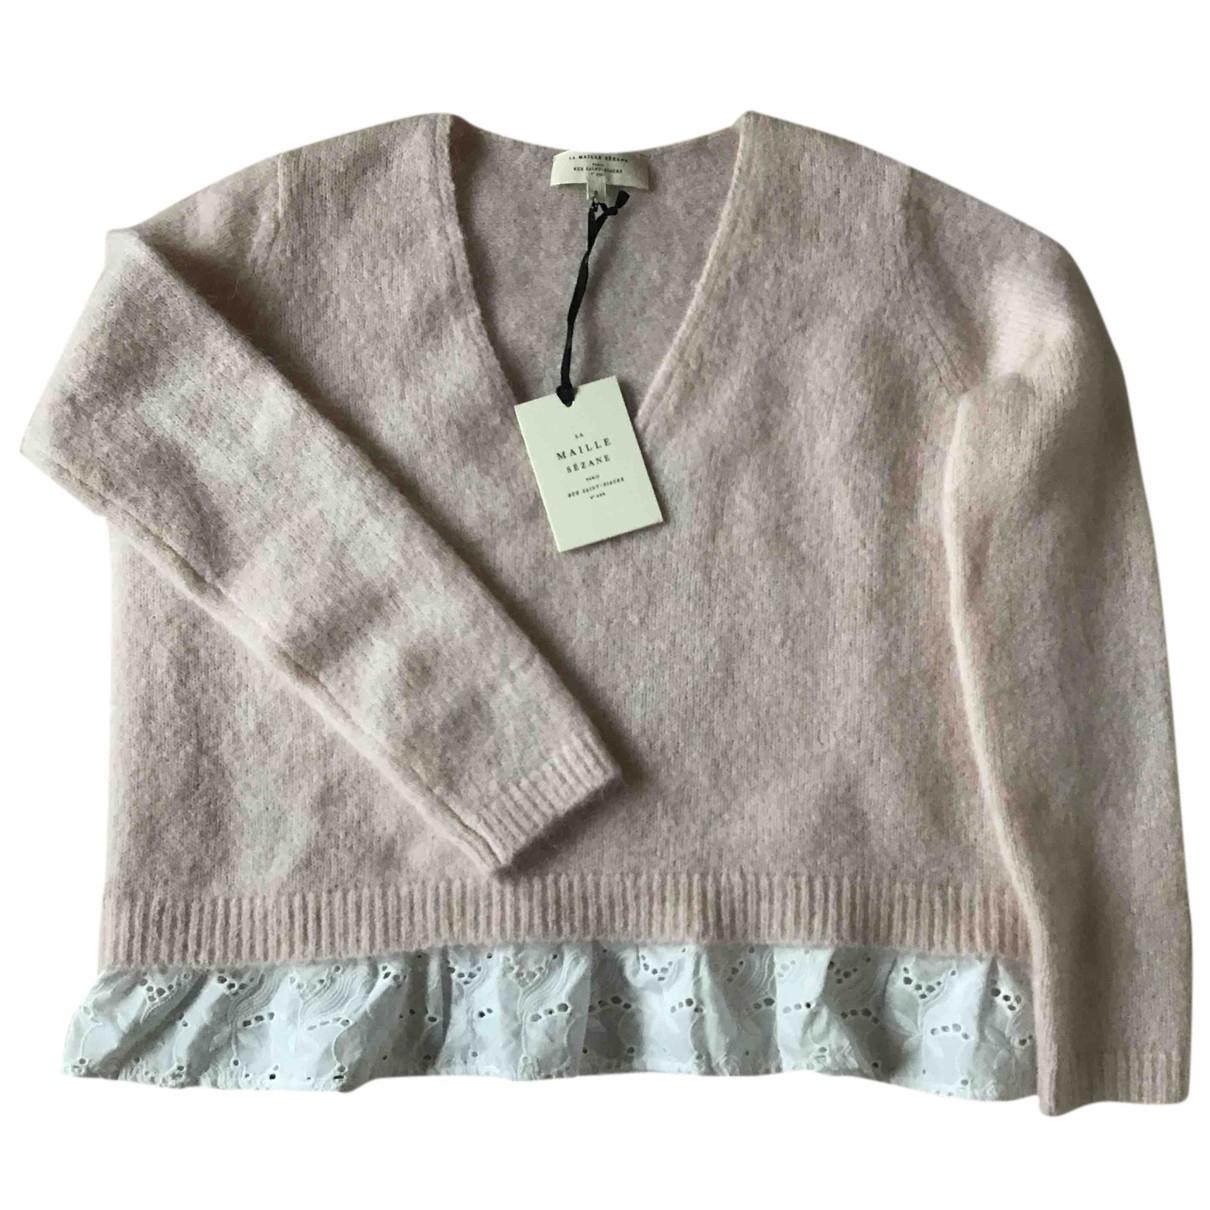 Sézane Fall Winter 2019 Pink Wool Knitwear for Women 36 FR